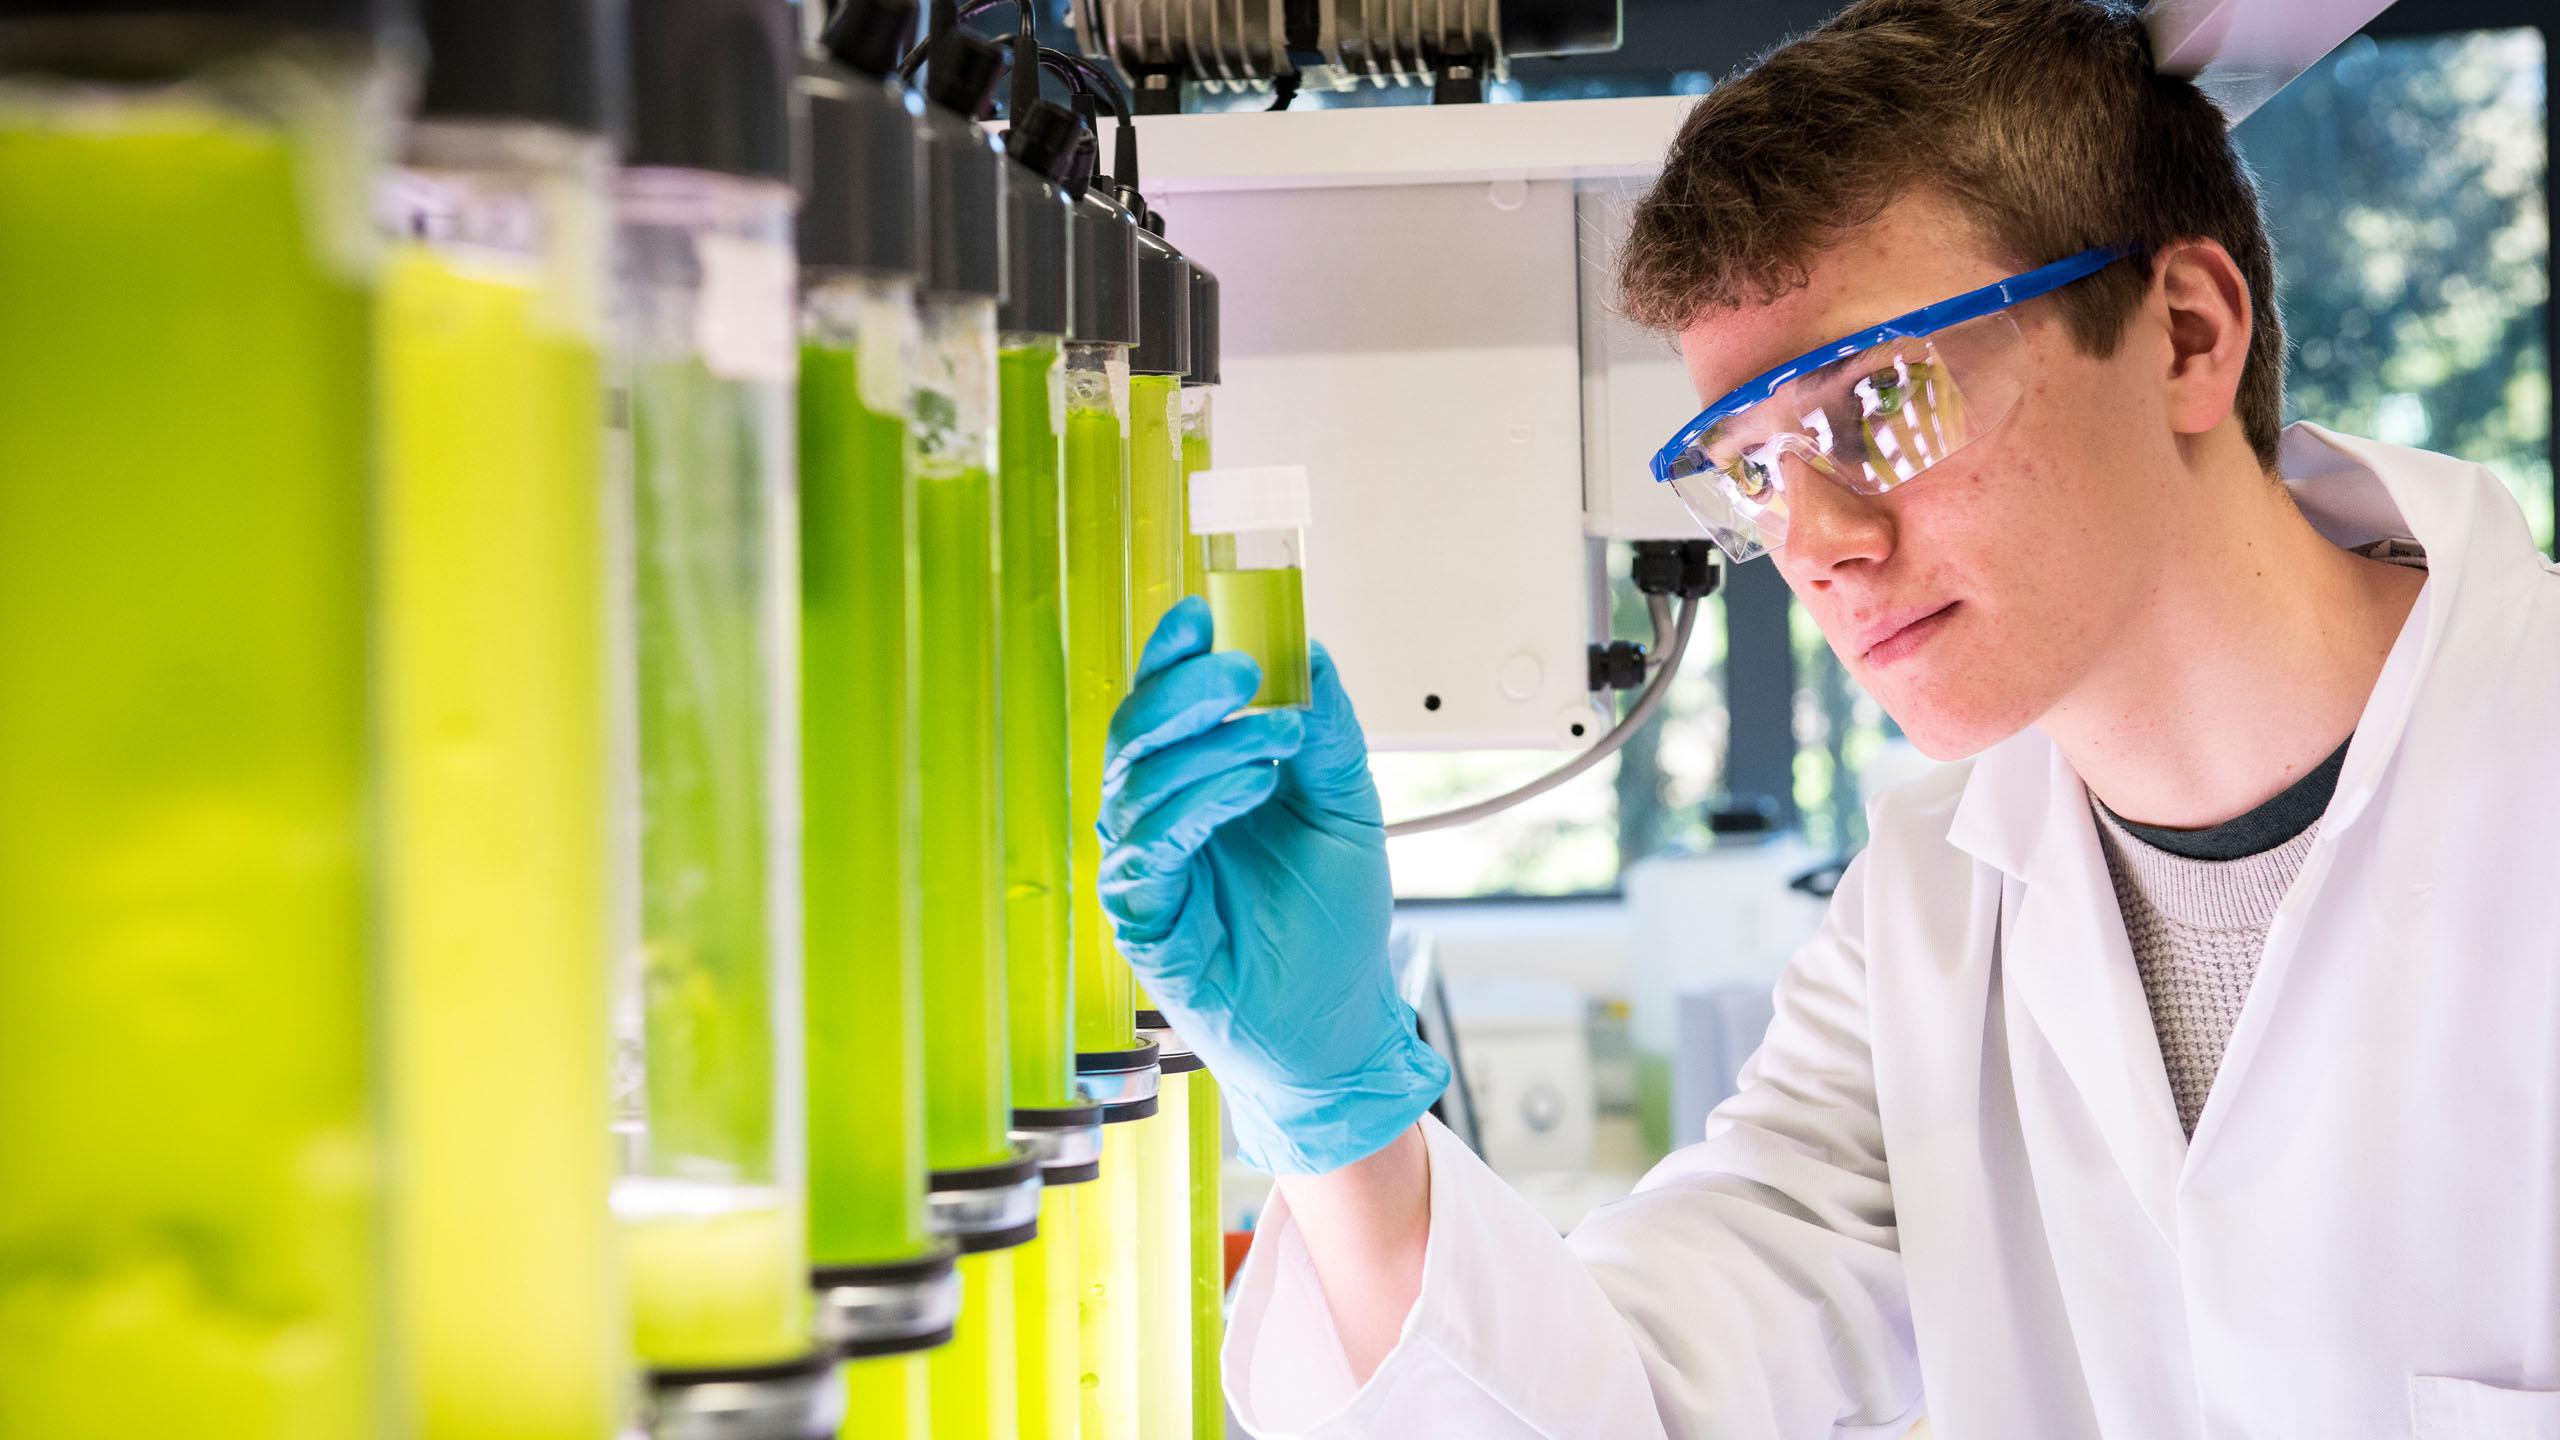 ما هي الهندسة الكيميائية؟ وما تخصصاتها؟ وما مجالاتها؟